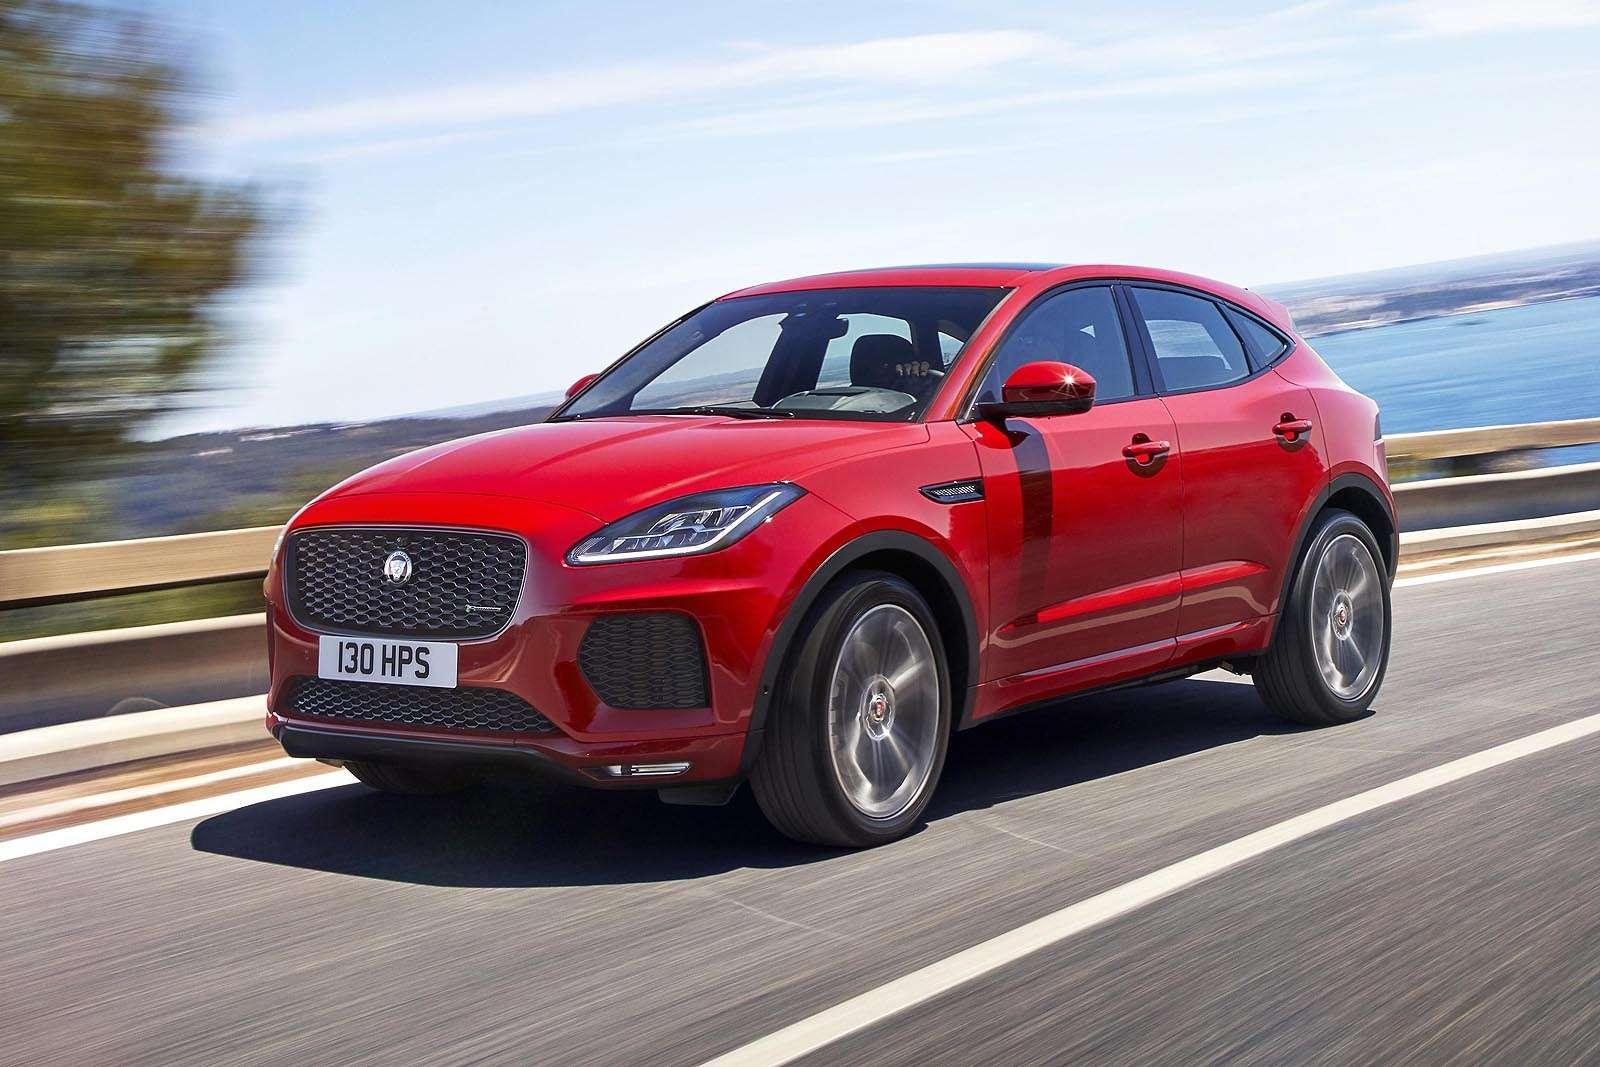 Jaguar Land Rover рассказала оближайших новинках вРоссии— фото 778161